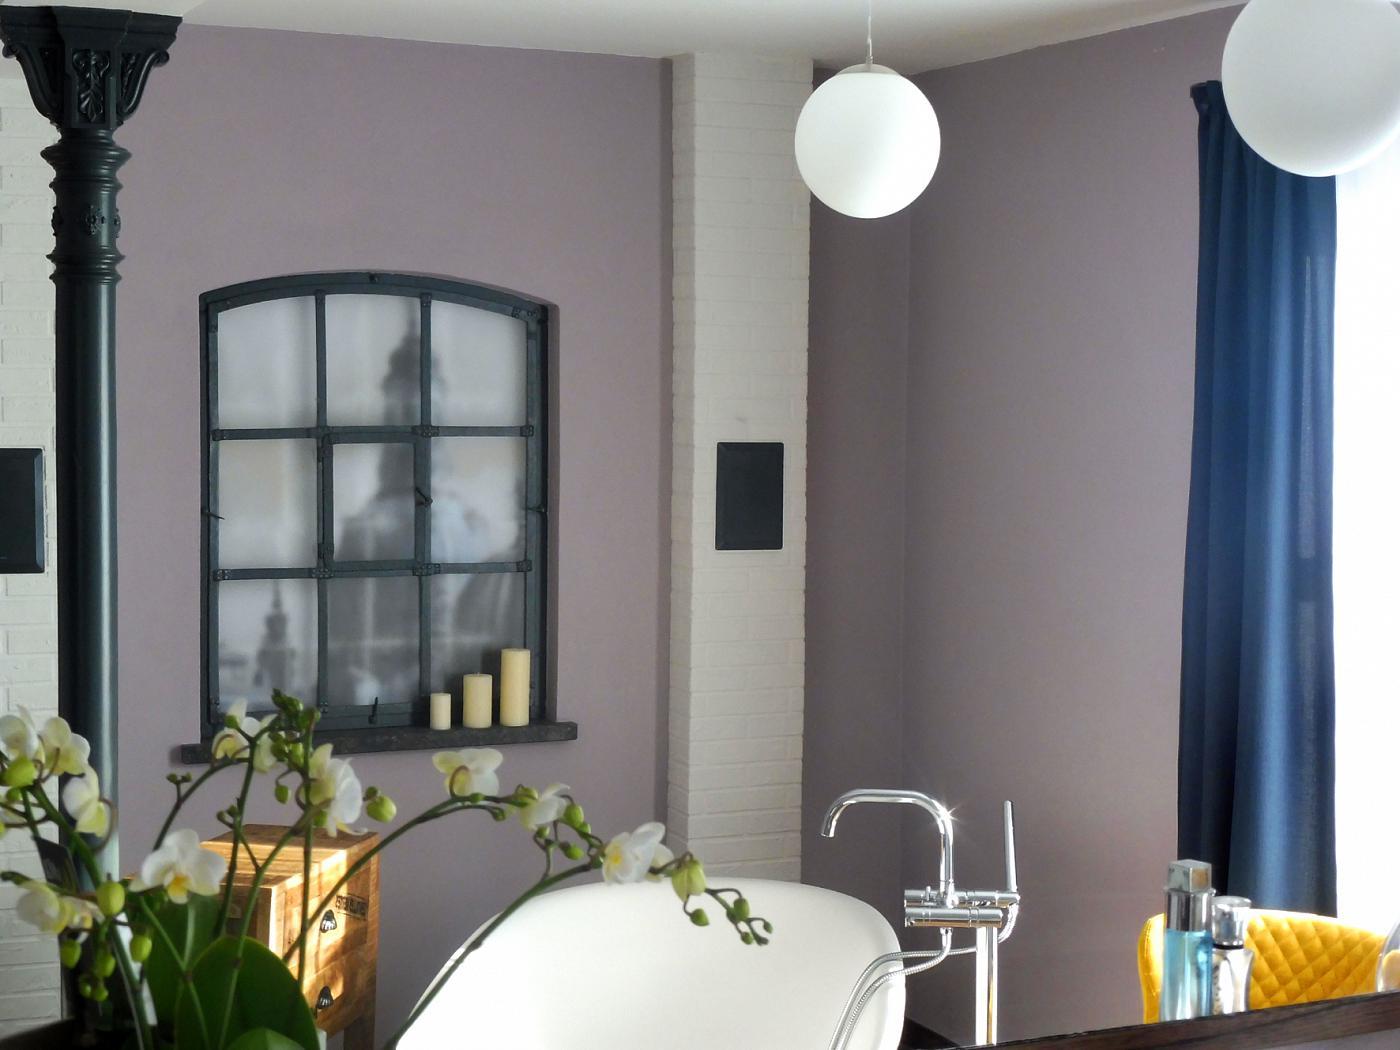 Unsere Baustoffe in Aktion: Säule und Fenster aus Gusseisen ...